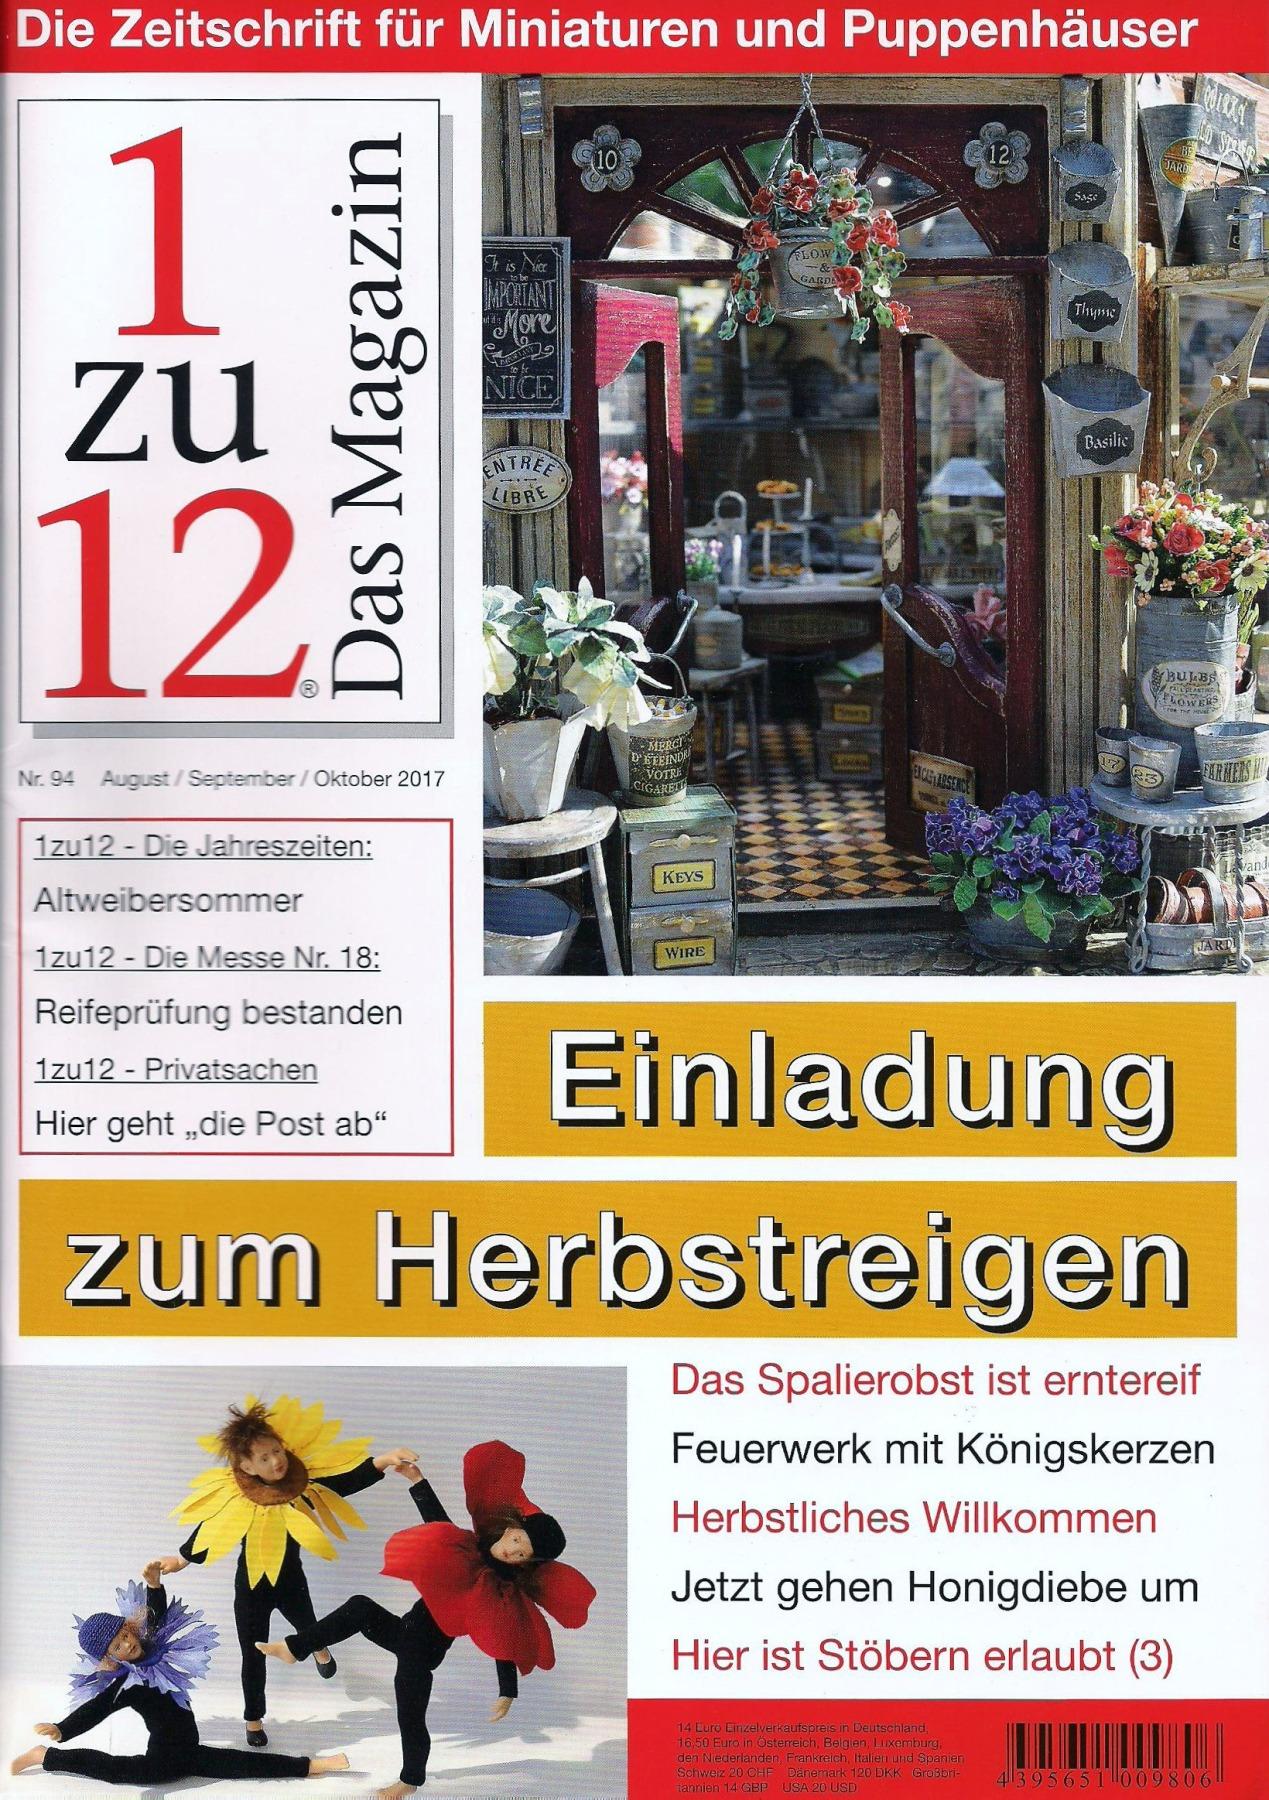 Nr 94 - 1zu12 Das Magazin